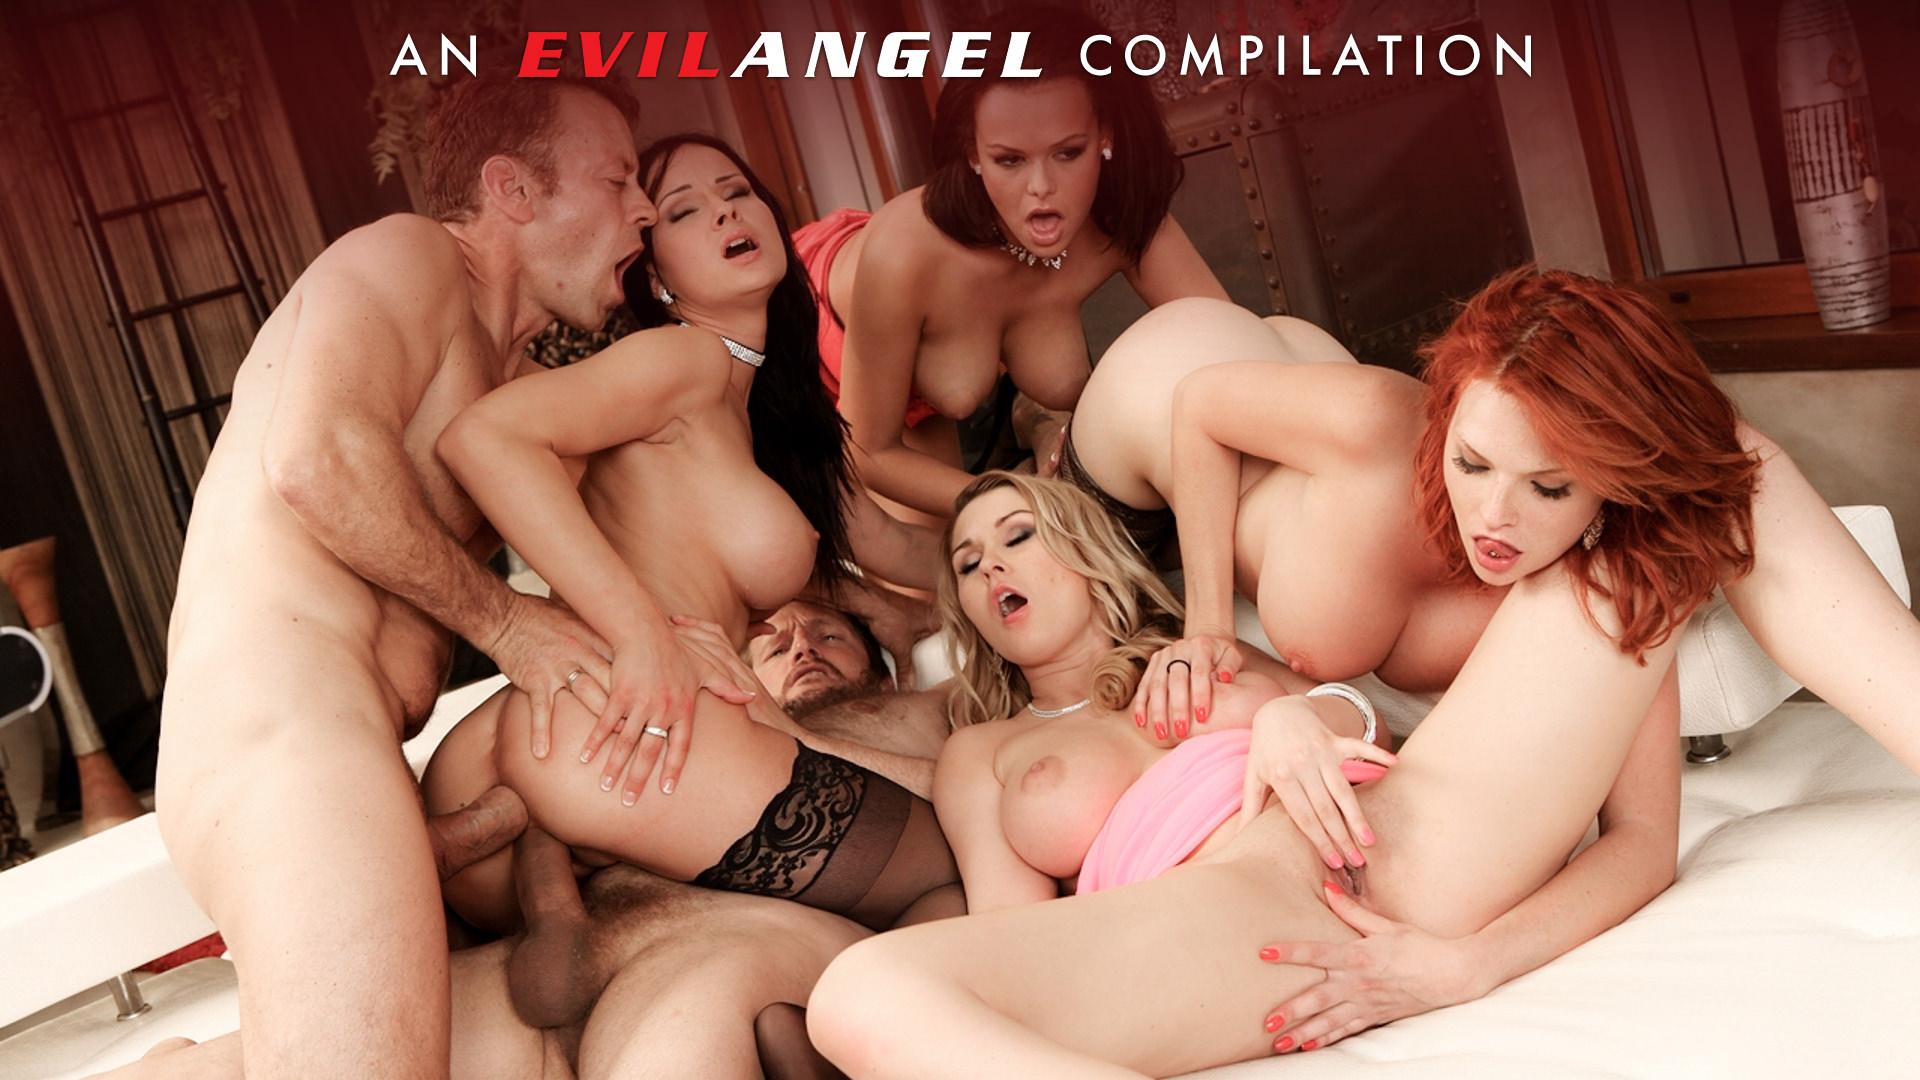 Double Anal Compilation - Rocco Siffredi, Scene #01